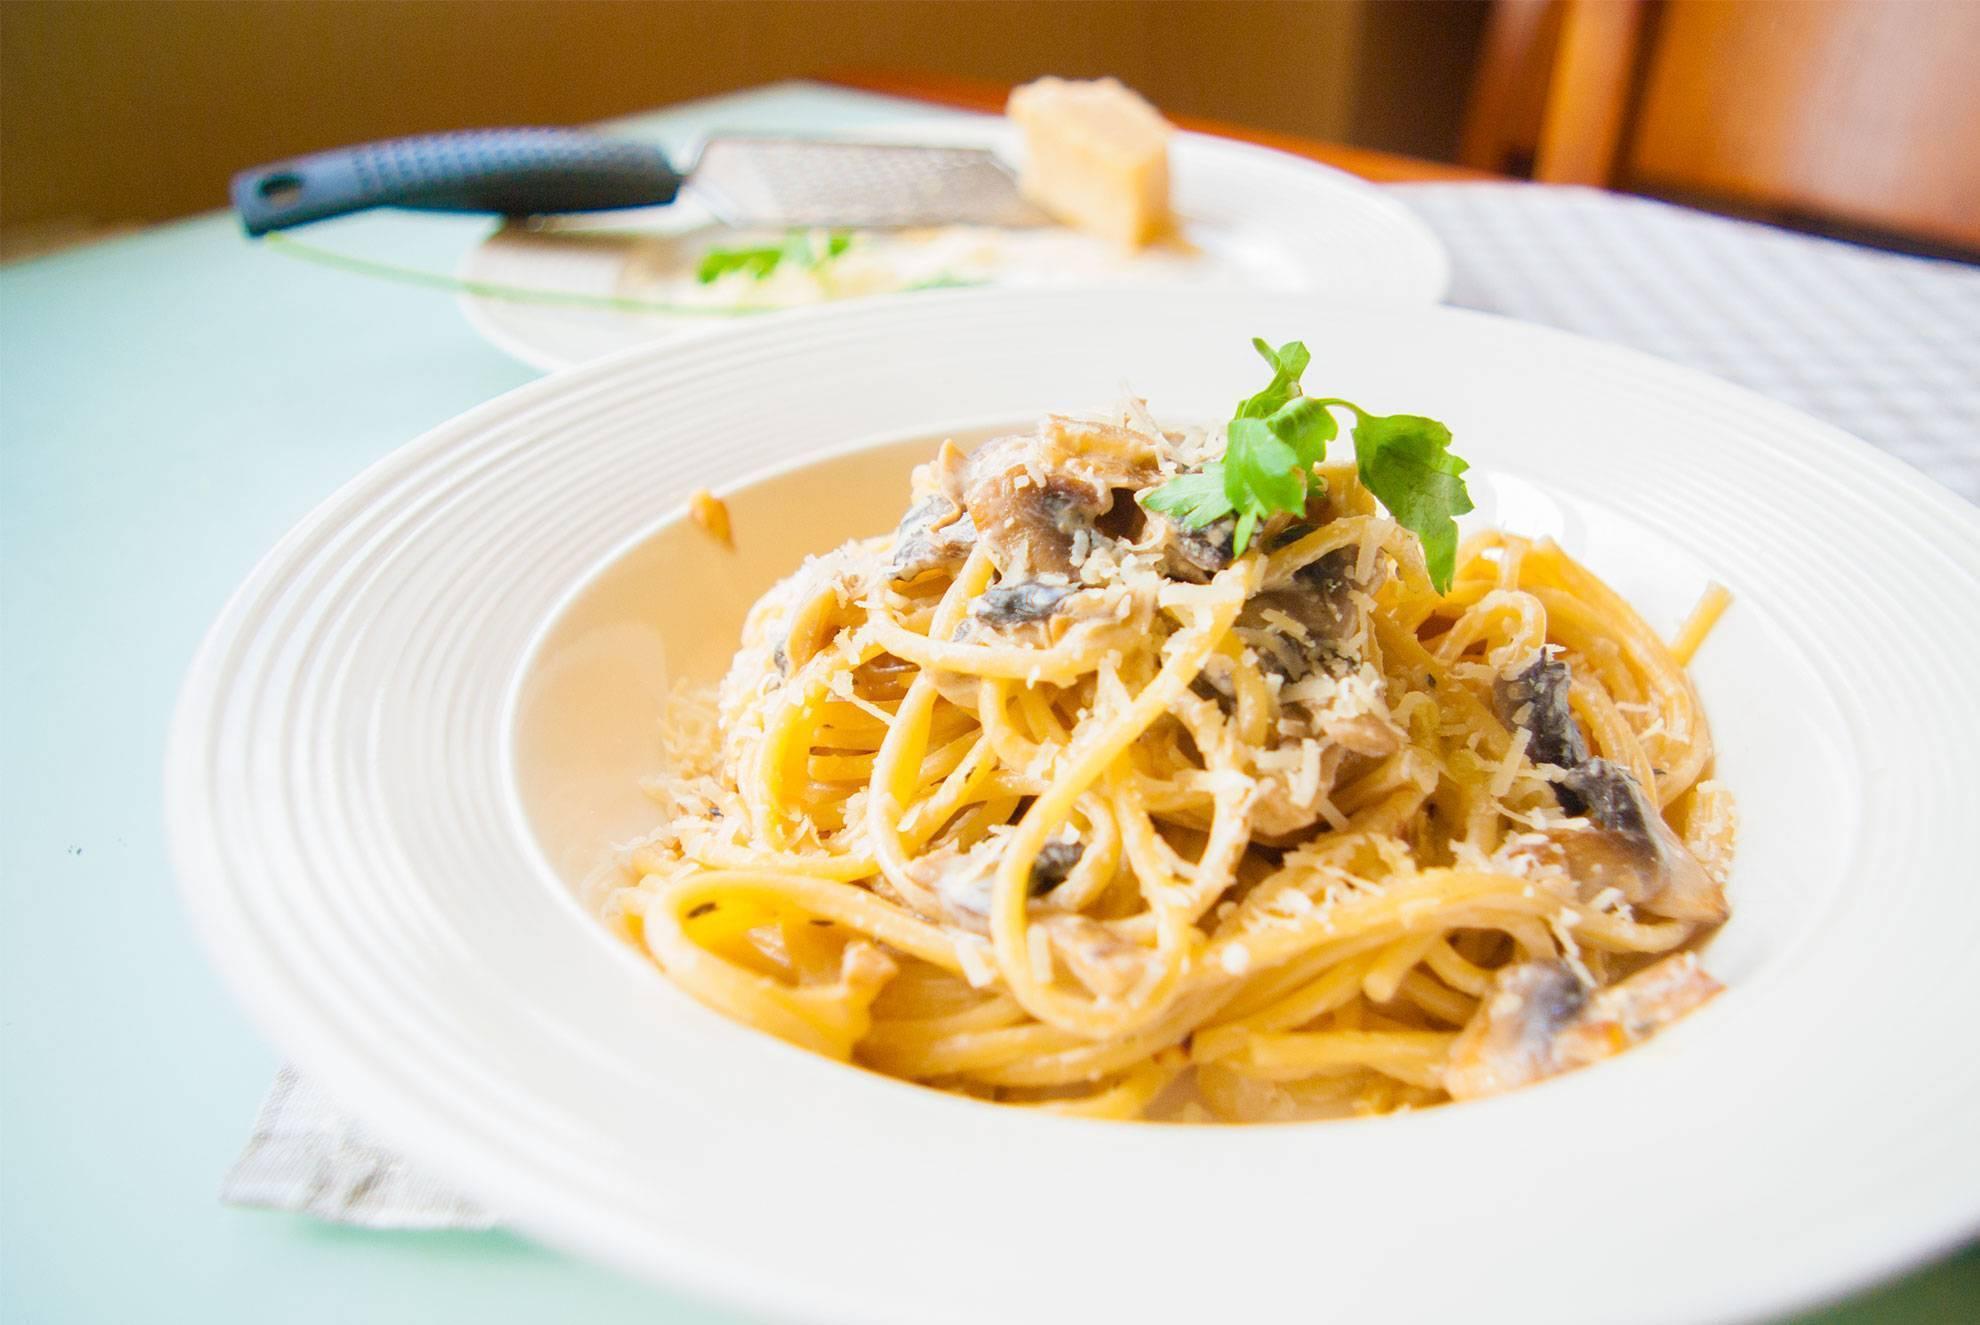 Фетучини с морепродуктами: все рецепты приготовления, включая и блюдо в сливочном соусе